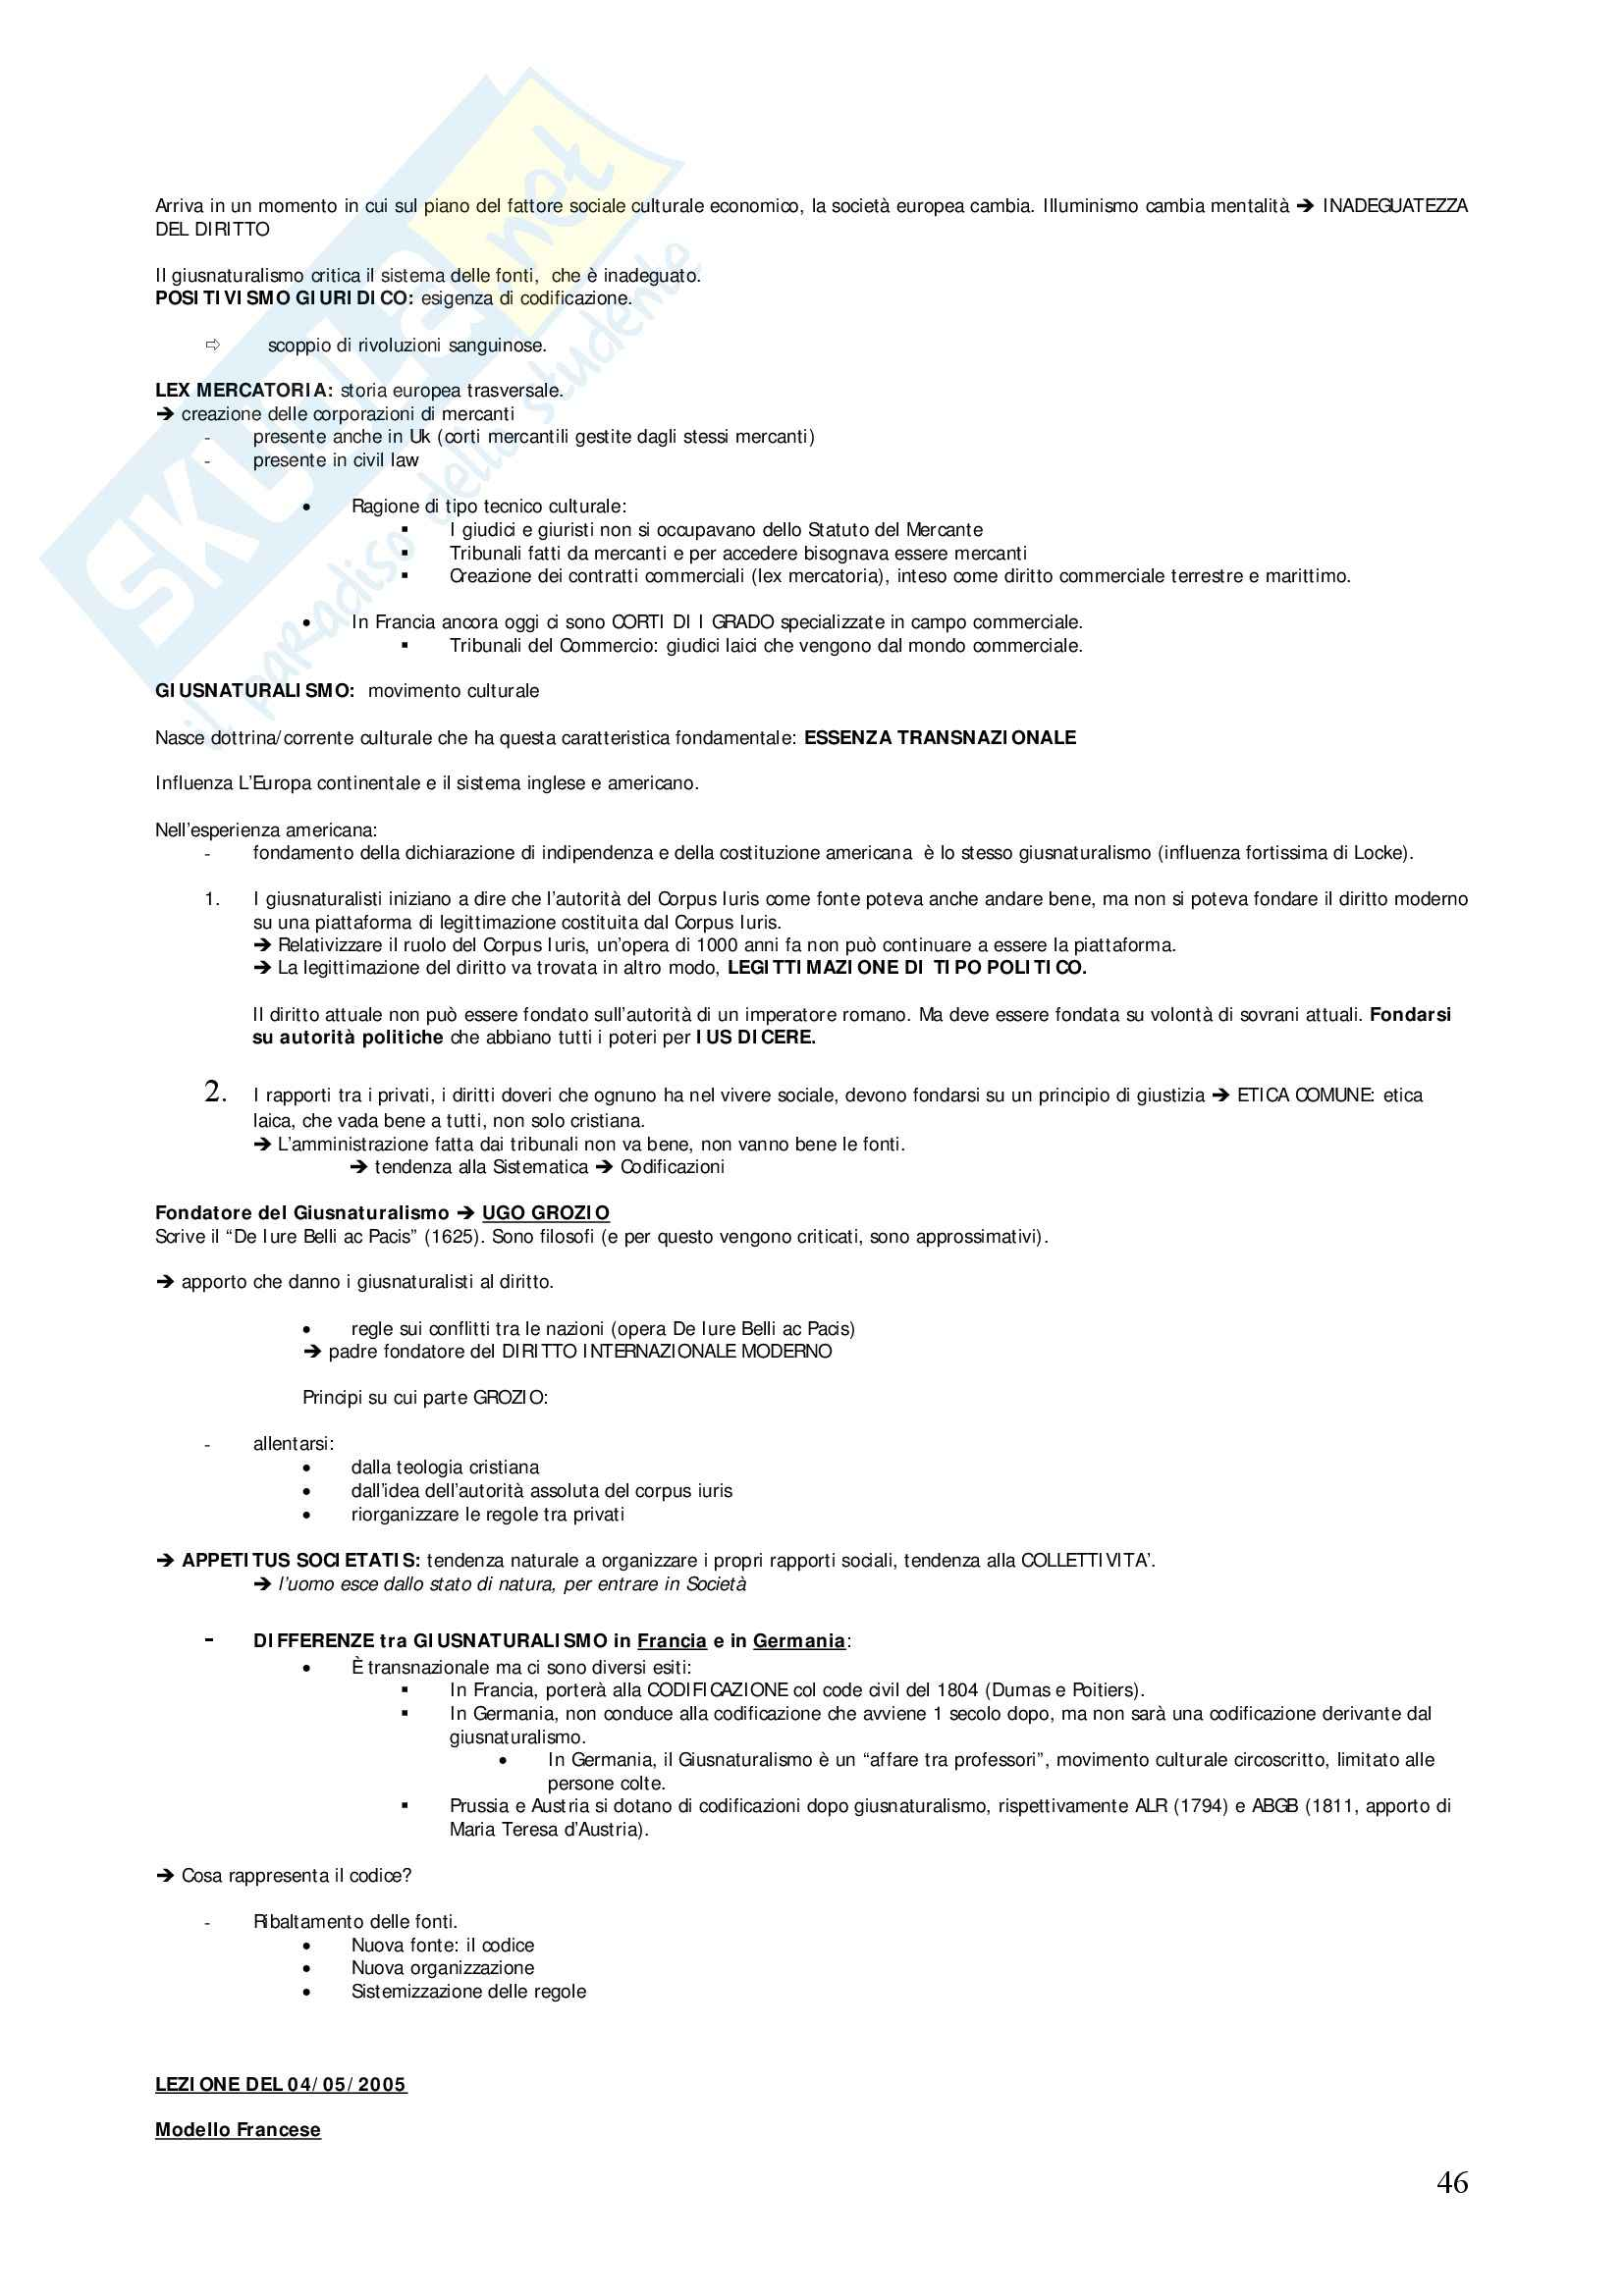 Diritto privato comparato - Appunti Pag. 46